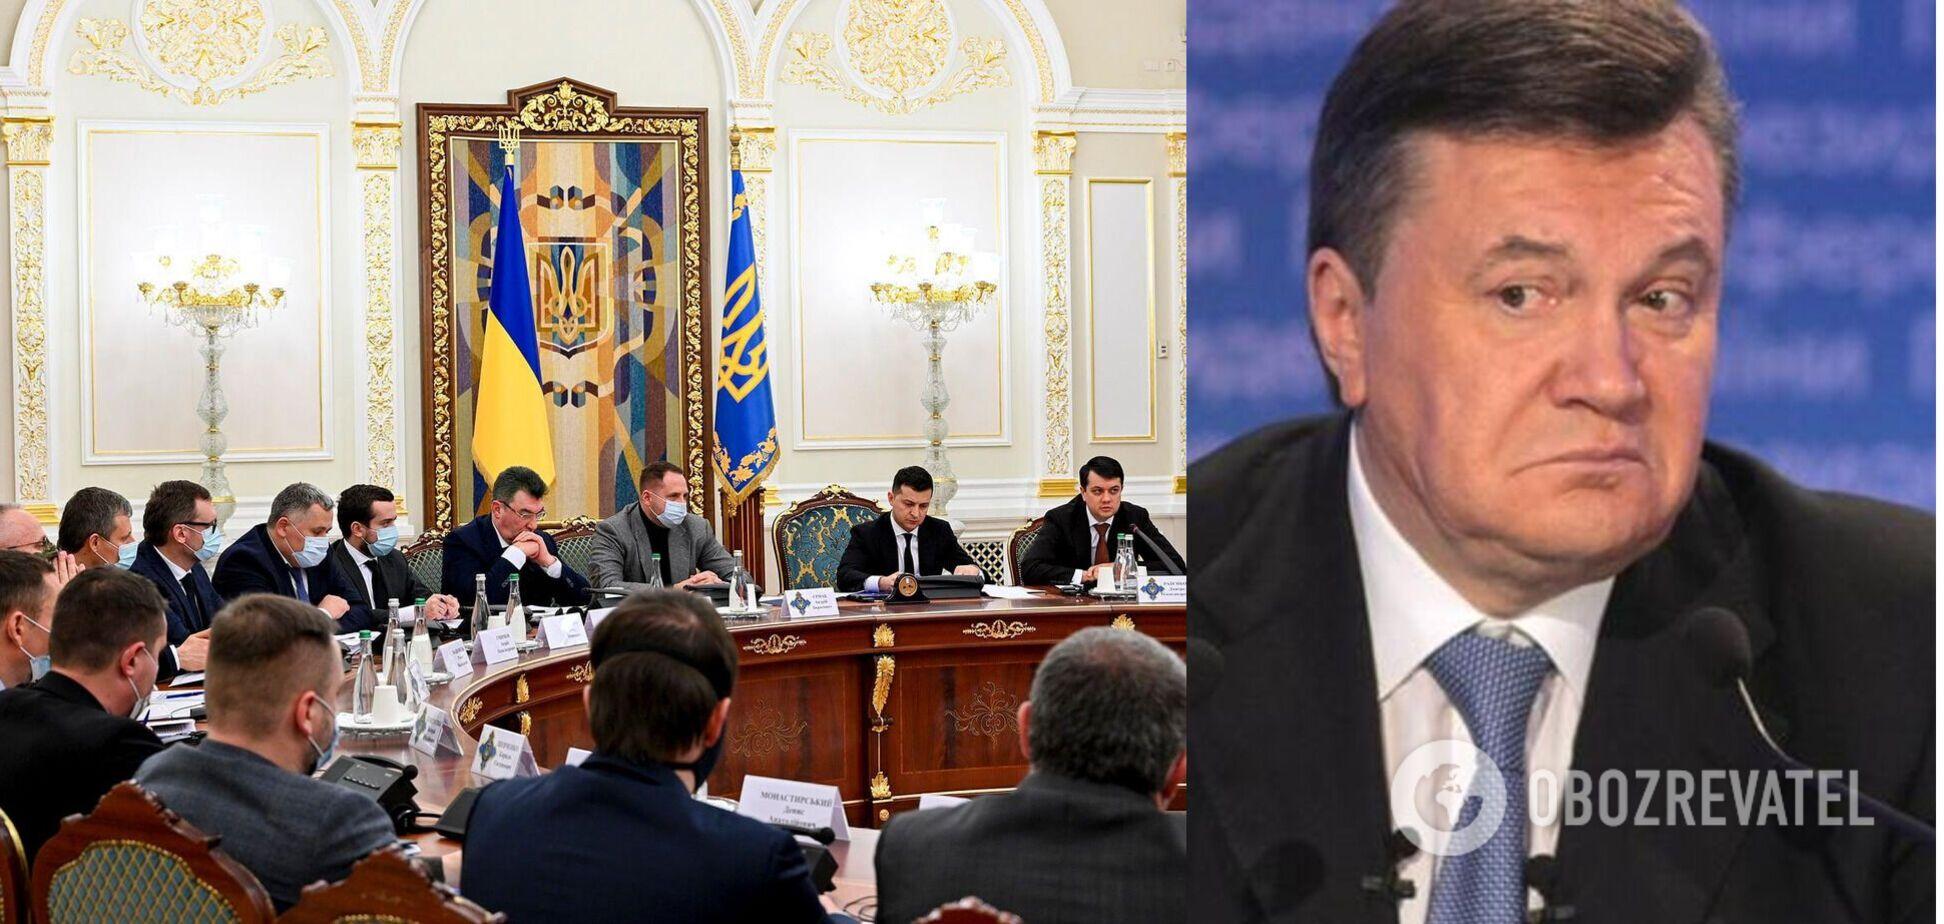 СБУ рекомендовала СНБО ввести санкции против Януковича и его соратников